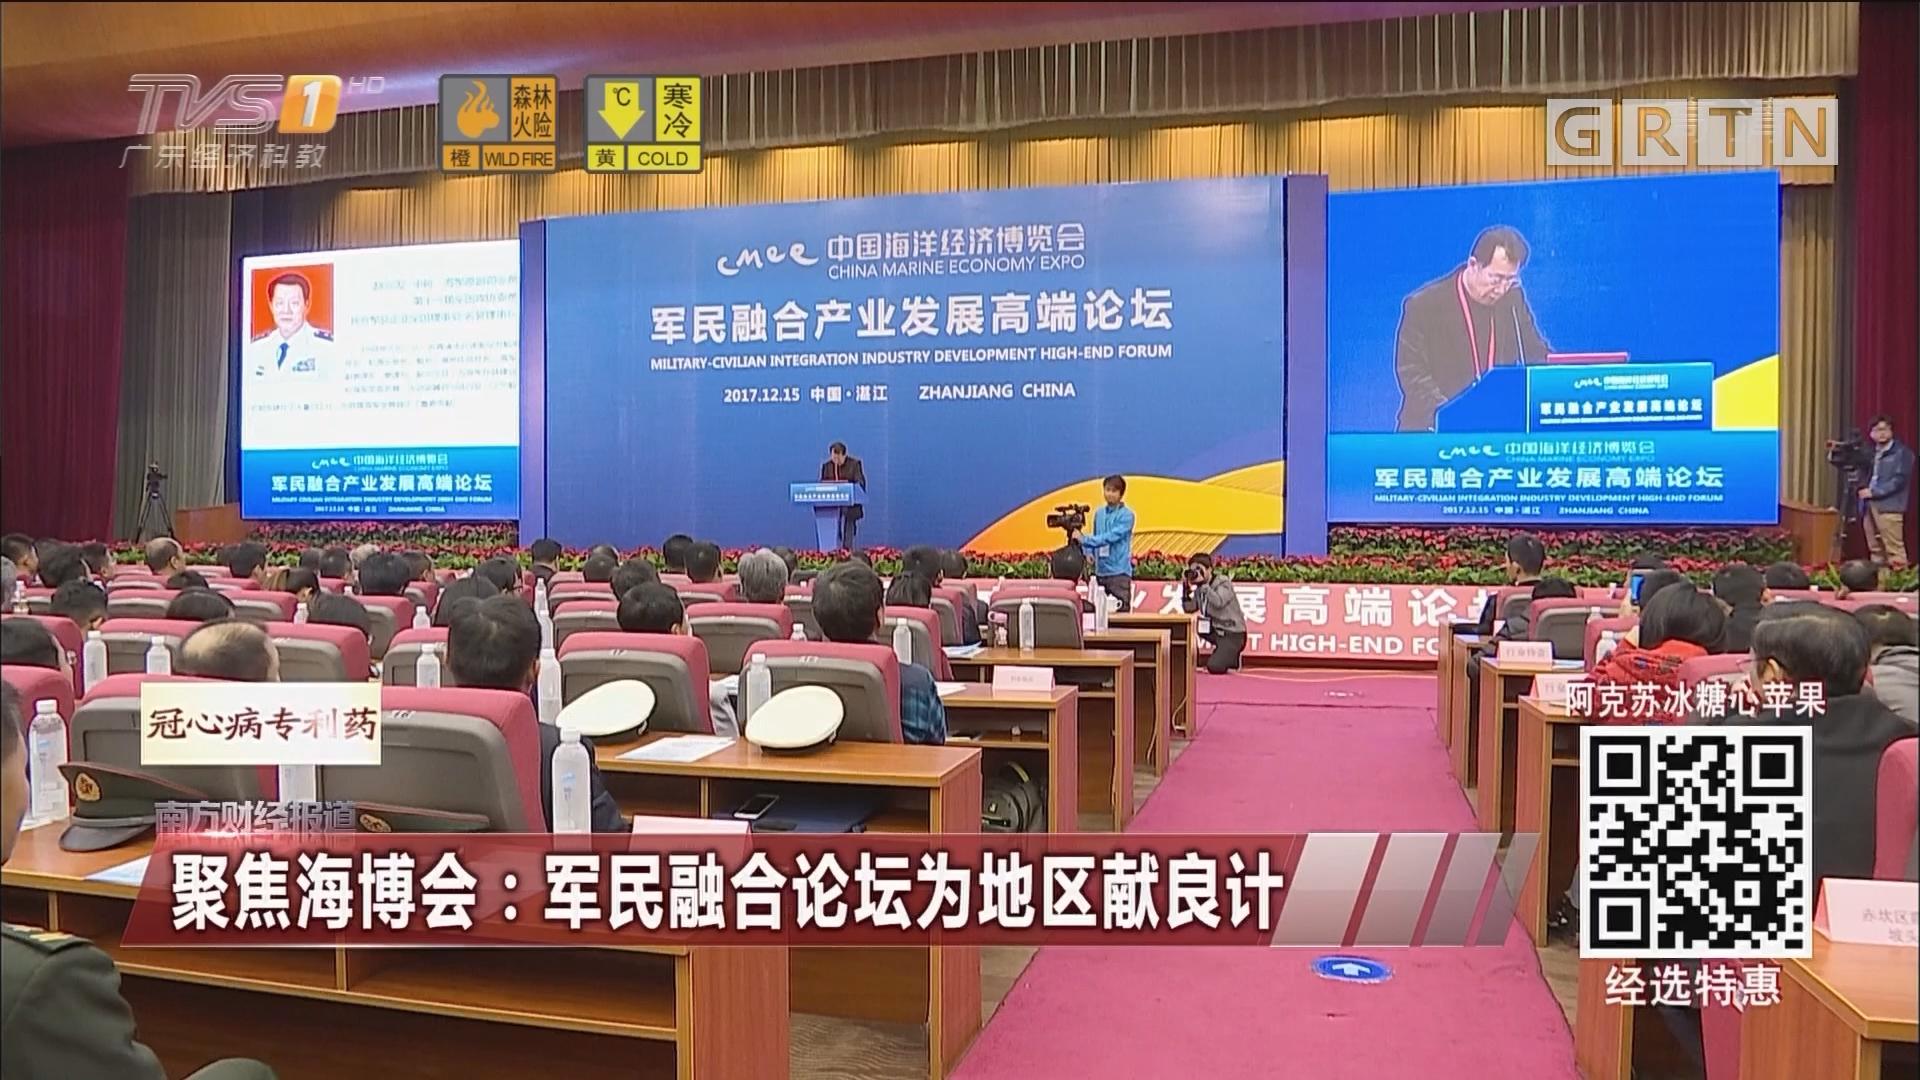 聚焦海博会:军民融合论坛为地区献良计